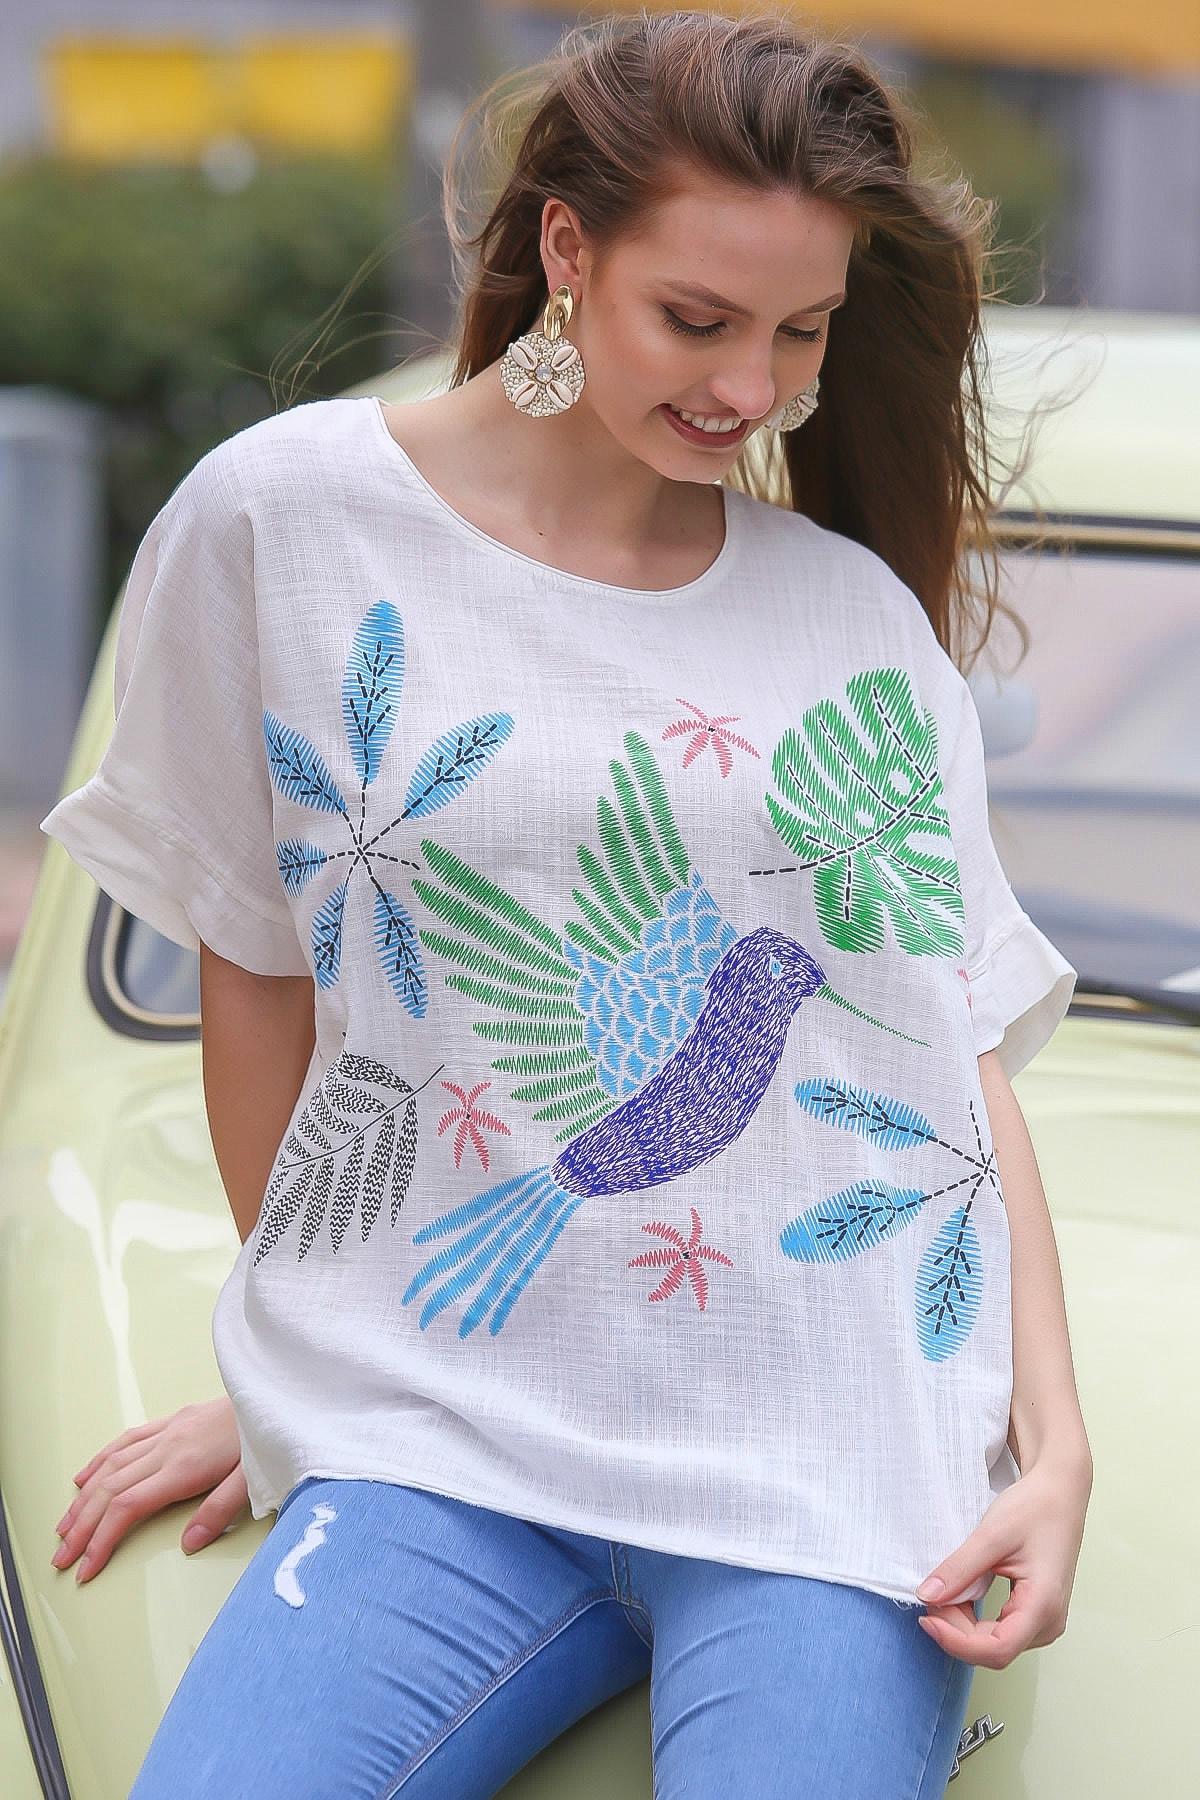 Chiccy Kadın Beyaz Sıfır Yaka Yalı Çapkını Kuş Desenli Salaş Dokuma Bluz M10010200BL95418 0